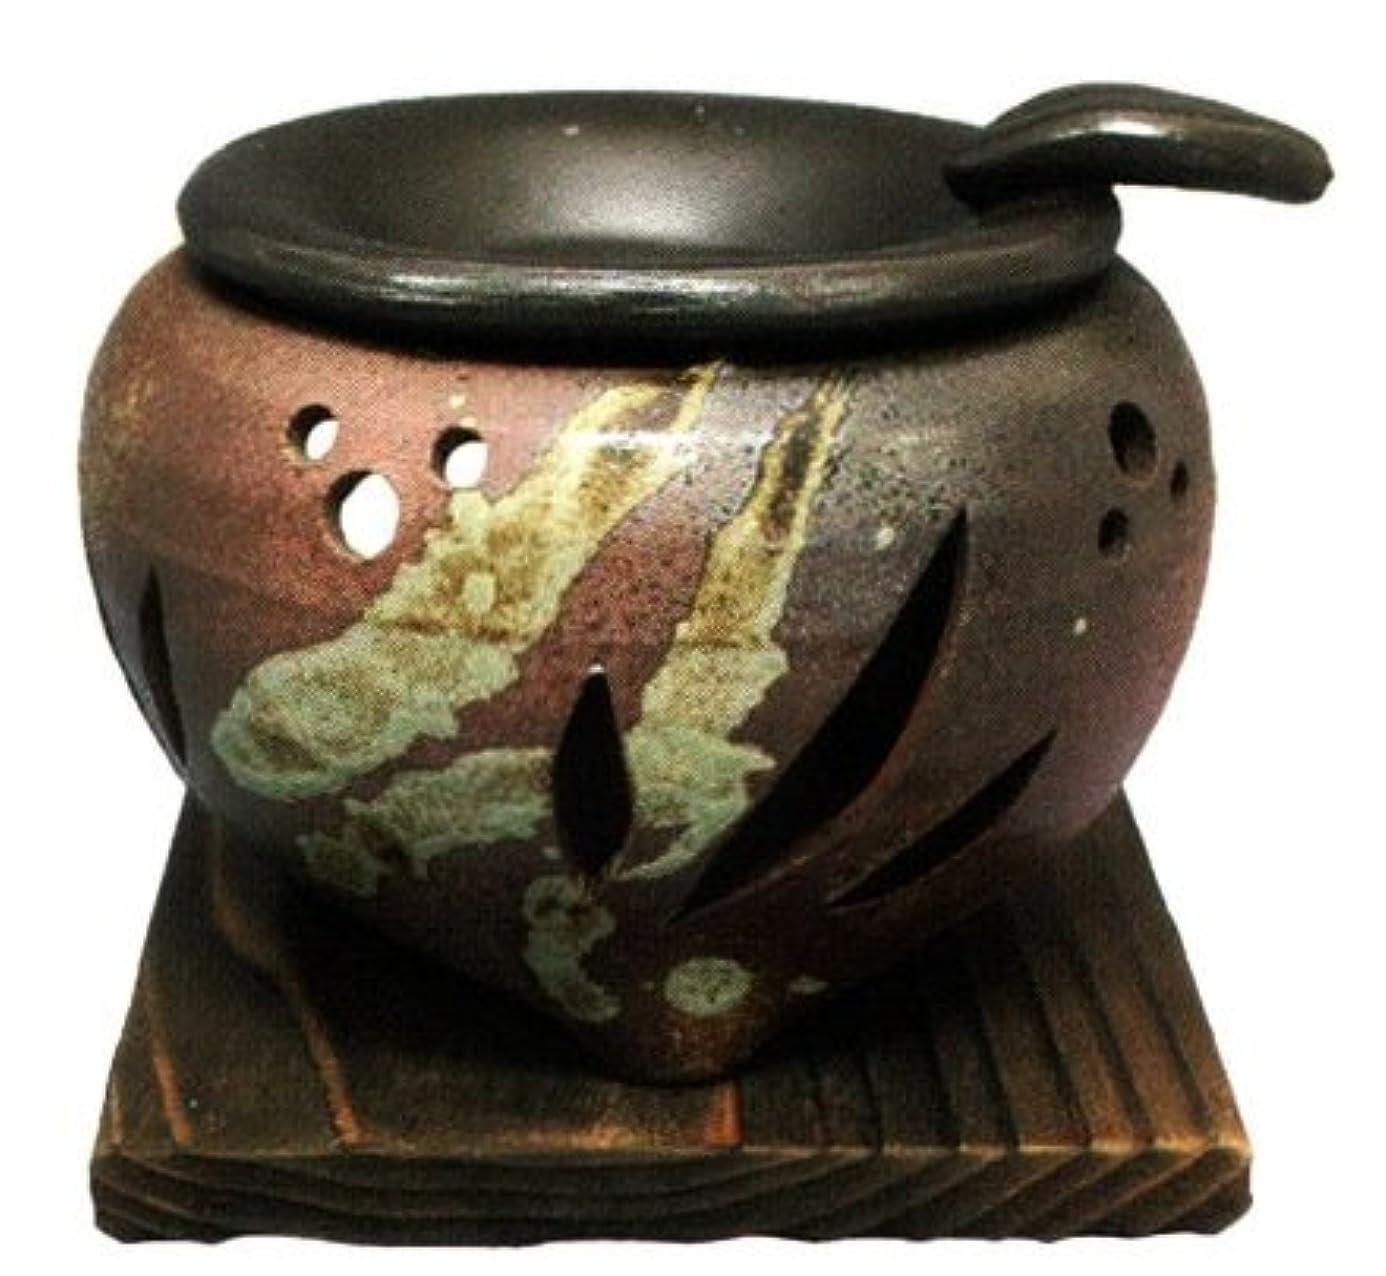 ピカリング取り囲む自分を引き上げる常滑焼?山房窯 カ39-04 茶香炉 杉板付 約φ11.5×9.5cm